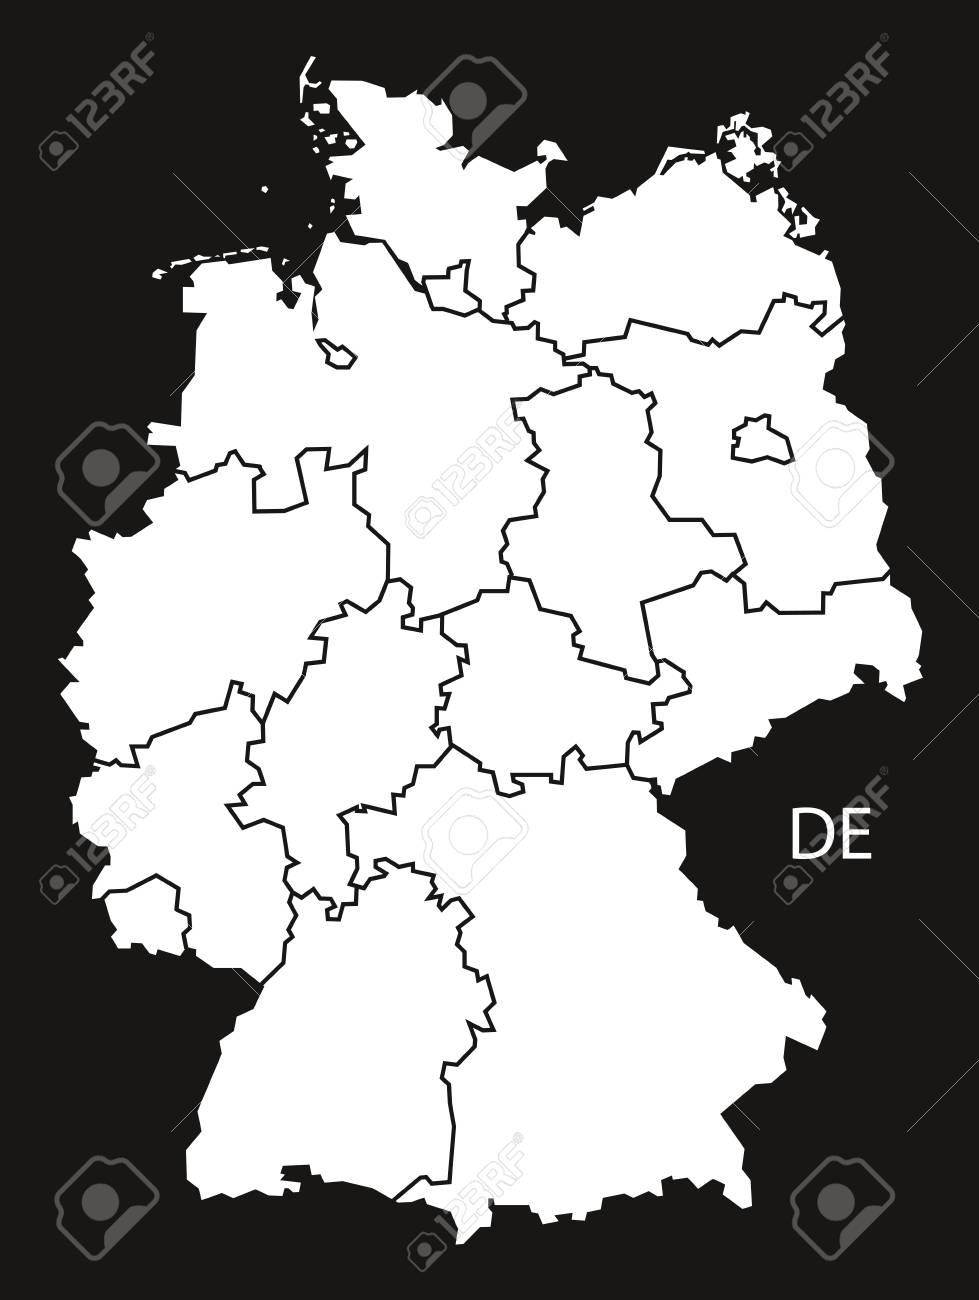 karte deutschland schwarz weiß Deutschland Mit Staaten Karte Schwarz Weiß Lizenzfrei Nutzbare